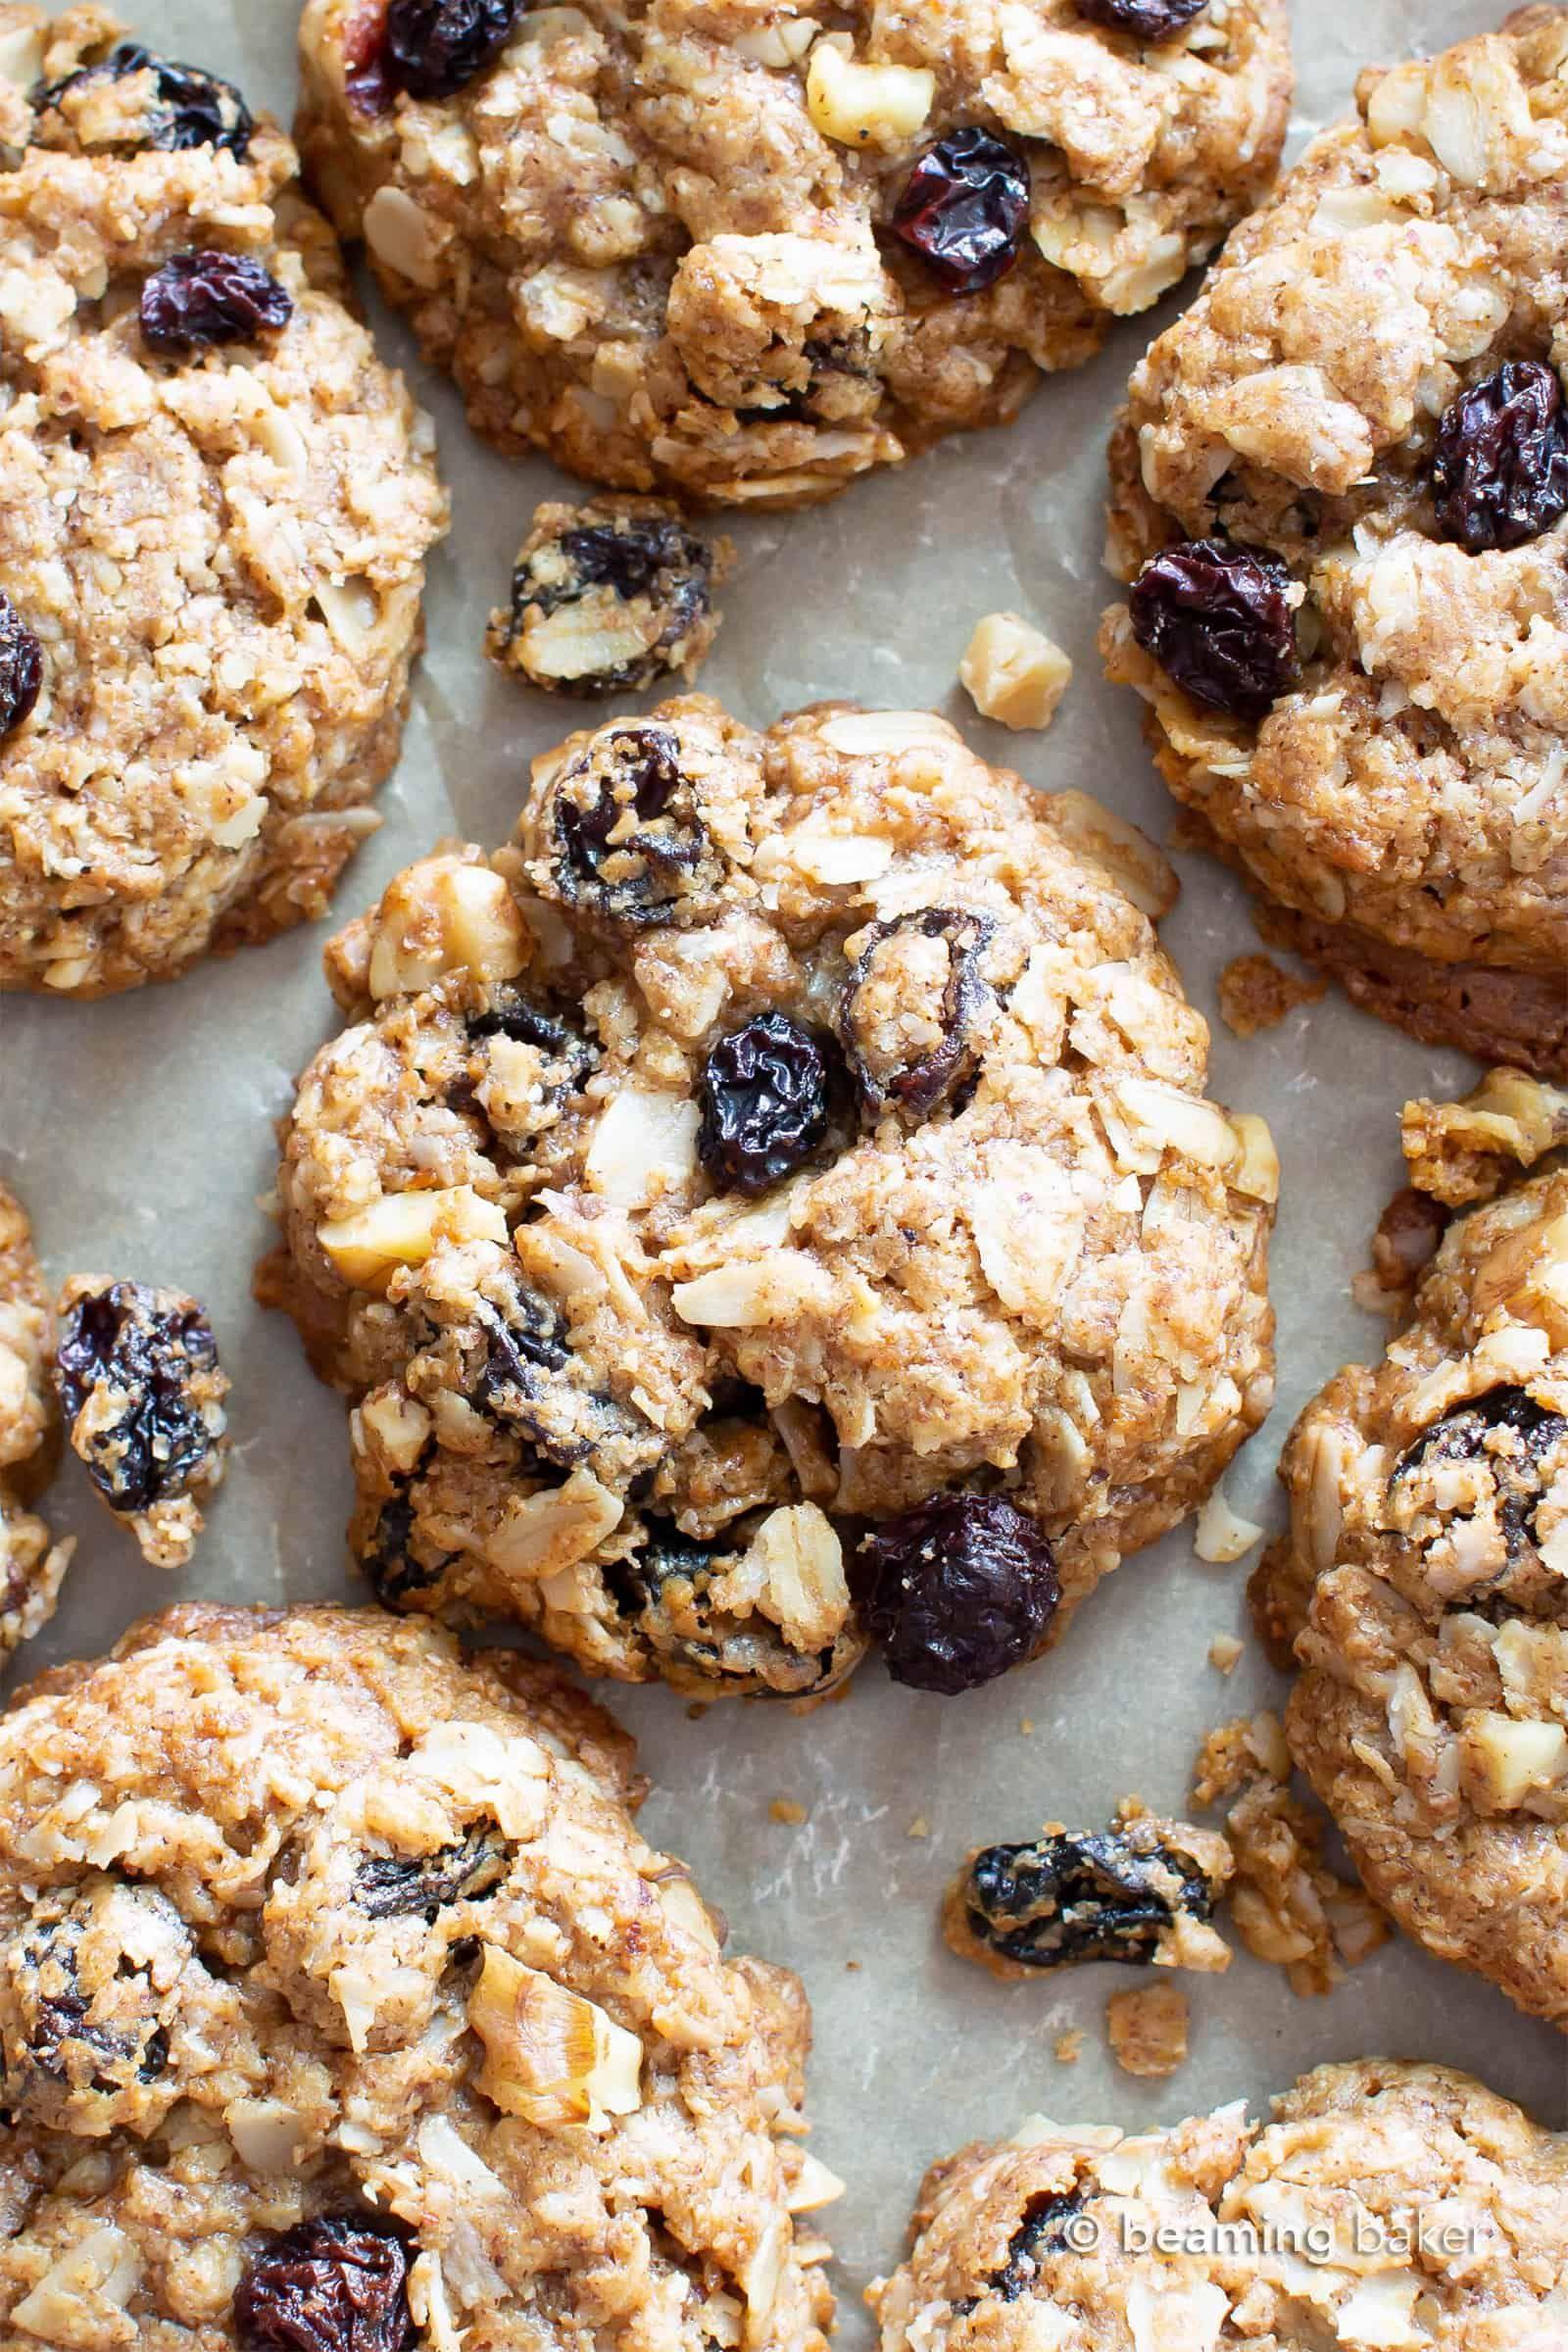 Amazing Chewy Vegan Oatmeal Raisin Cookies Gluten Free Beaming Baker Vegan Oatmeal Raisin Cookies Oatmeal Raisin Cookies Chewy Vegan Cookies